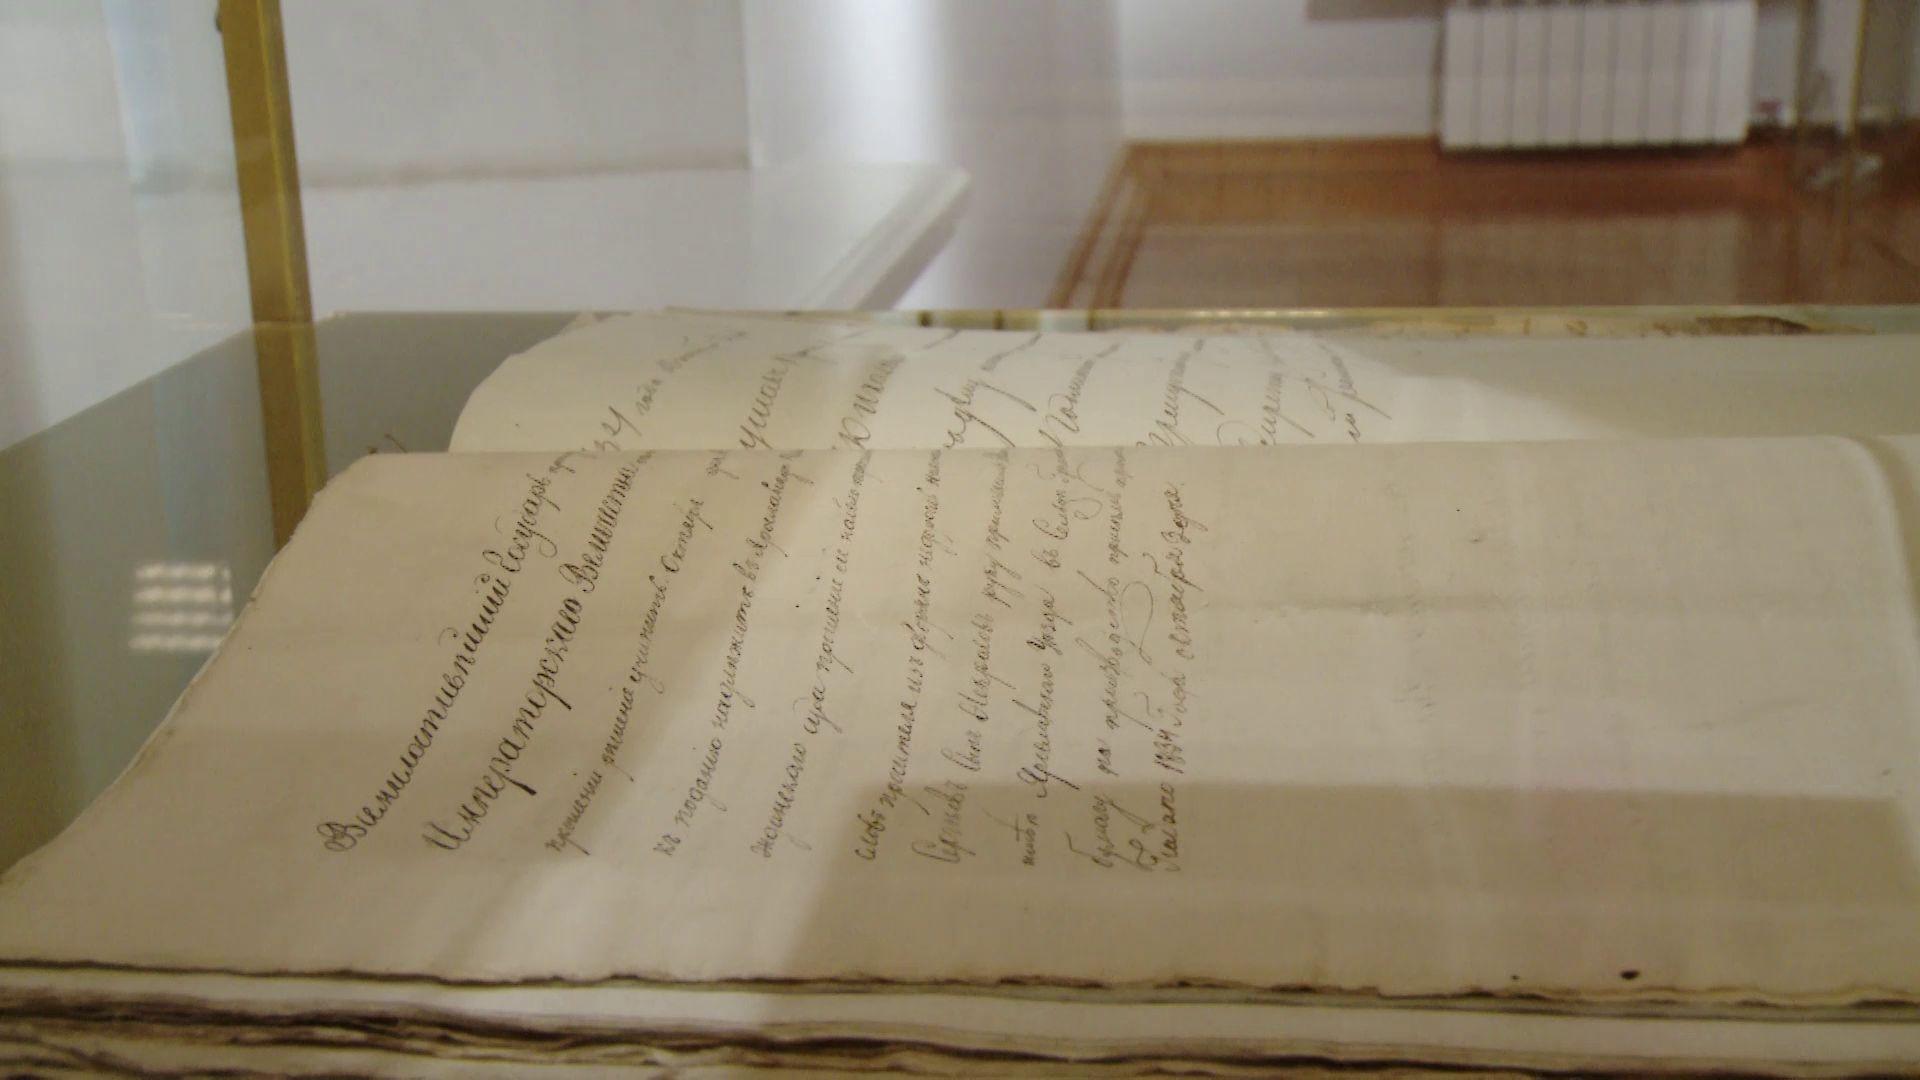 Оригинал первого автографа поэта Николая Некрасова впервые представили публике